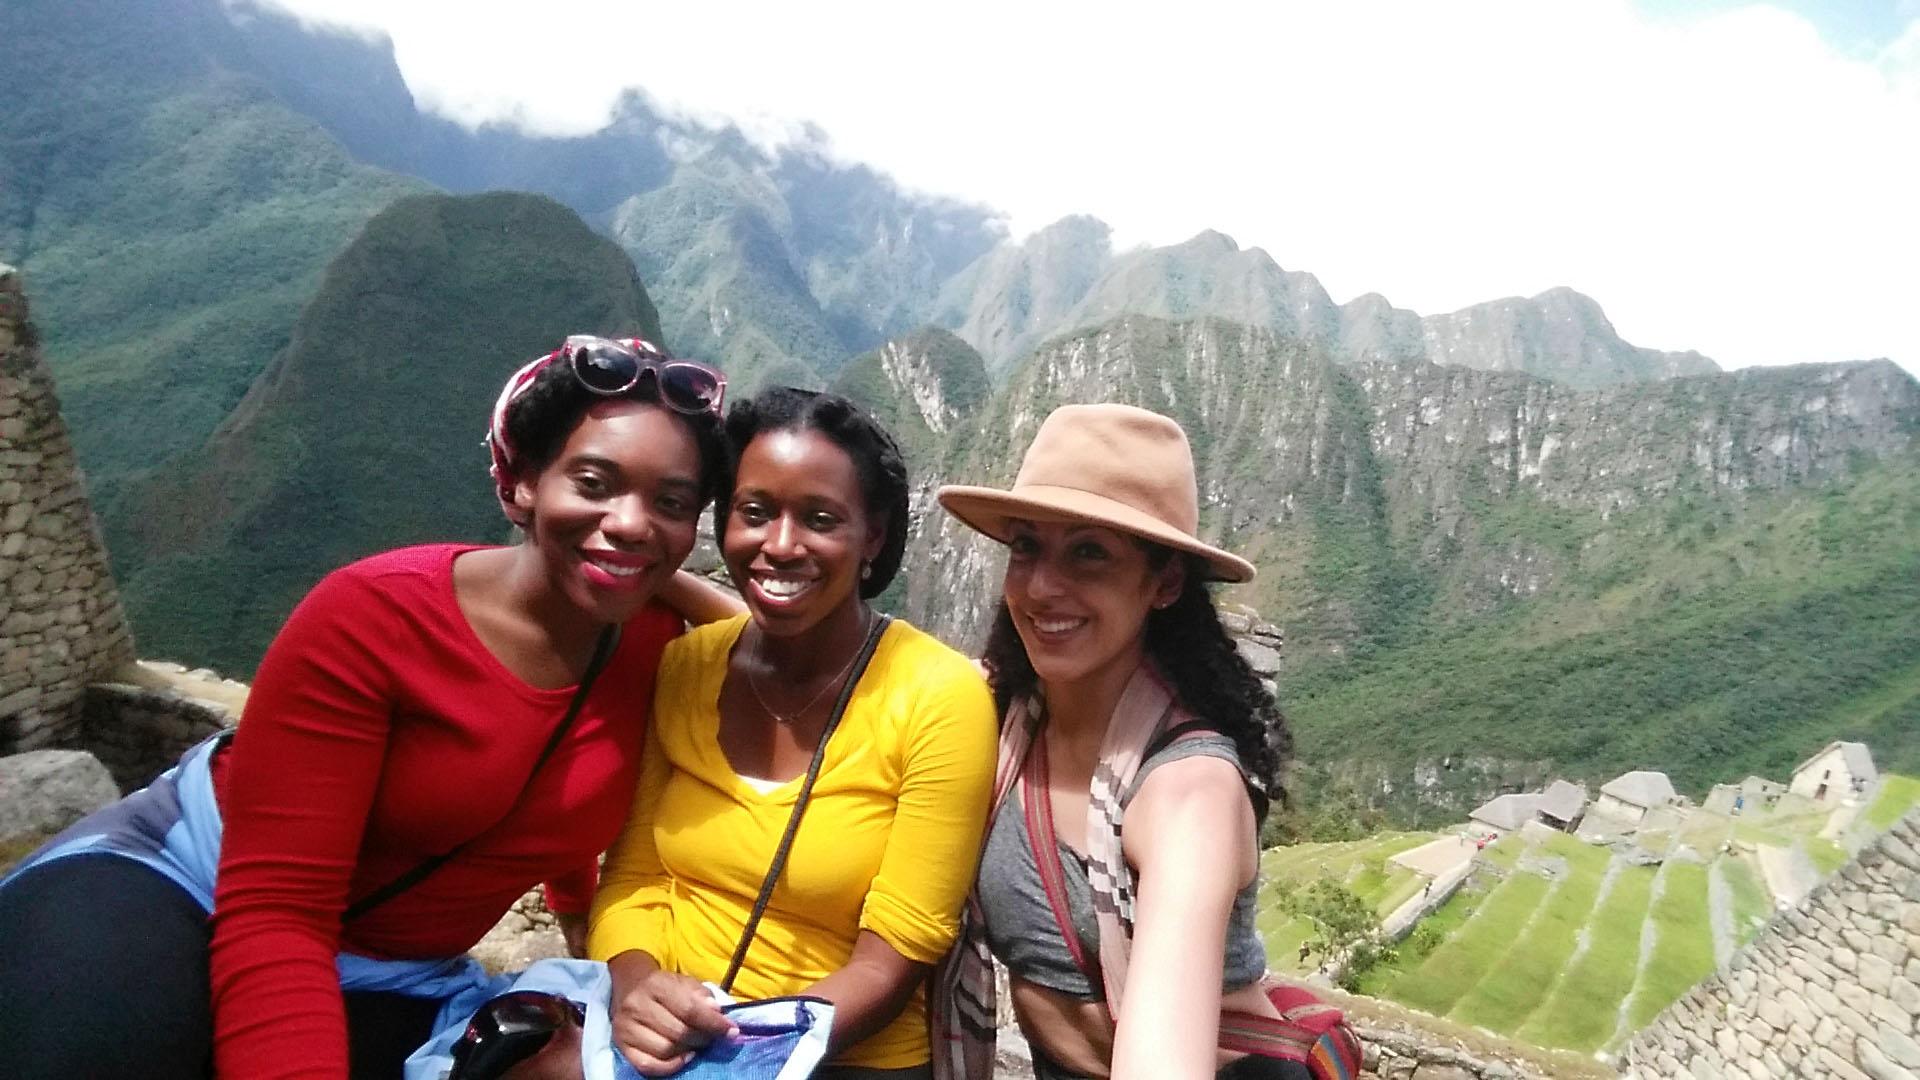 Wanderful: A Female Traveler's Dream Come True